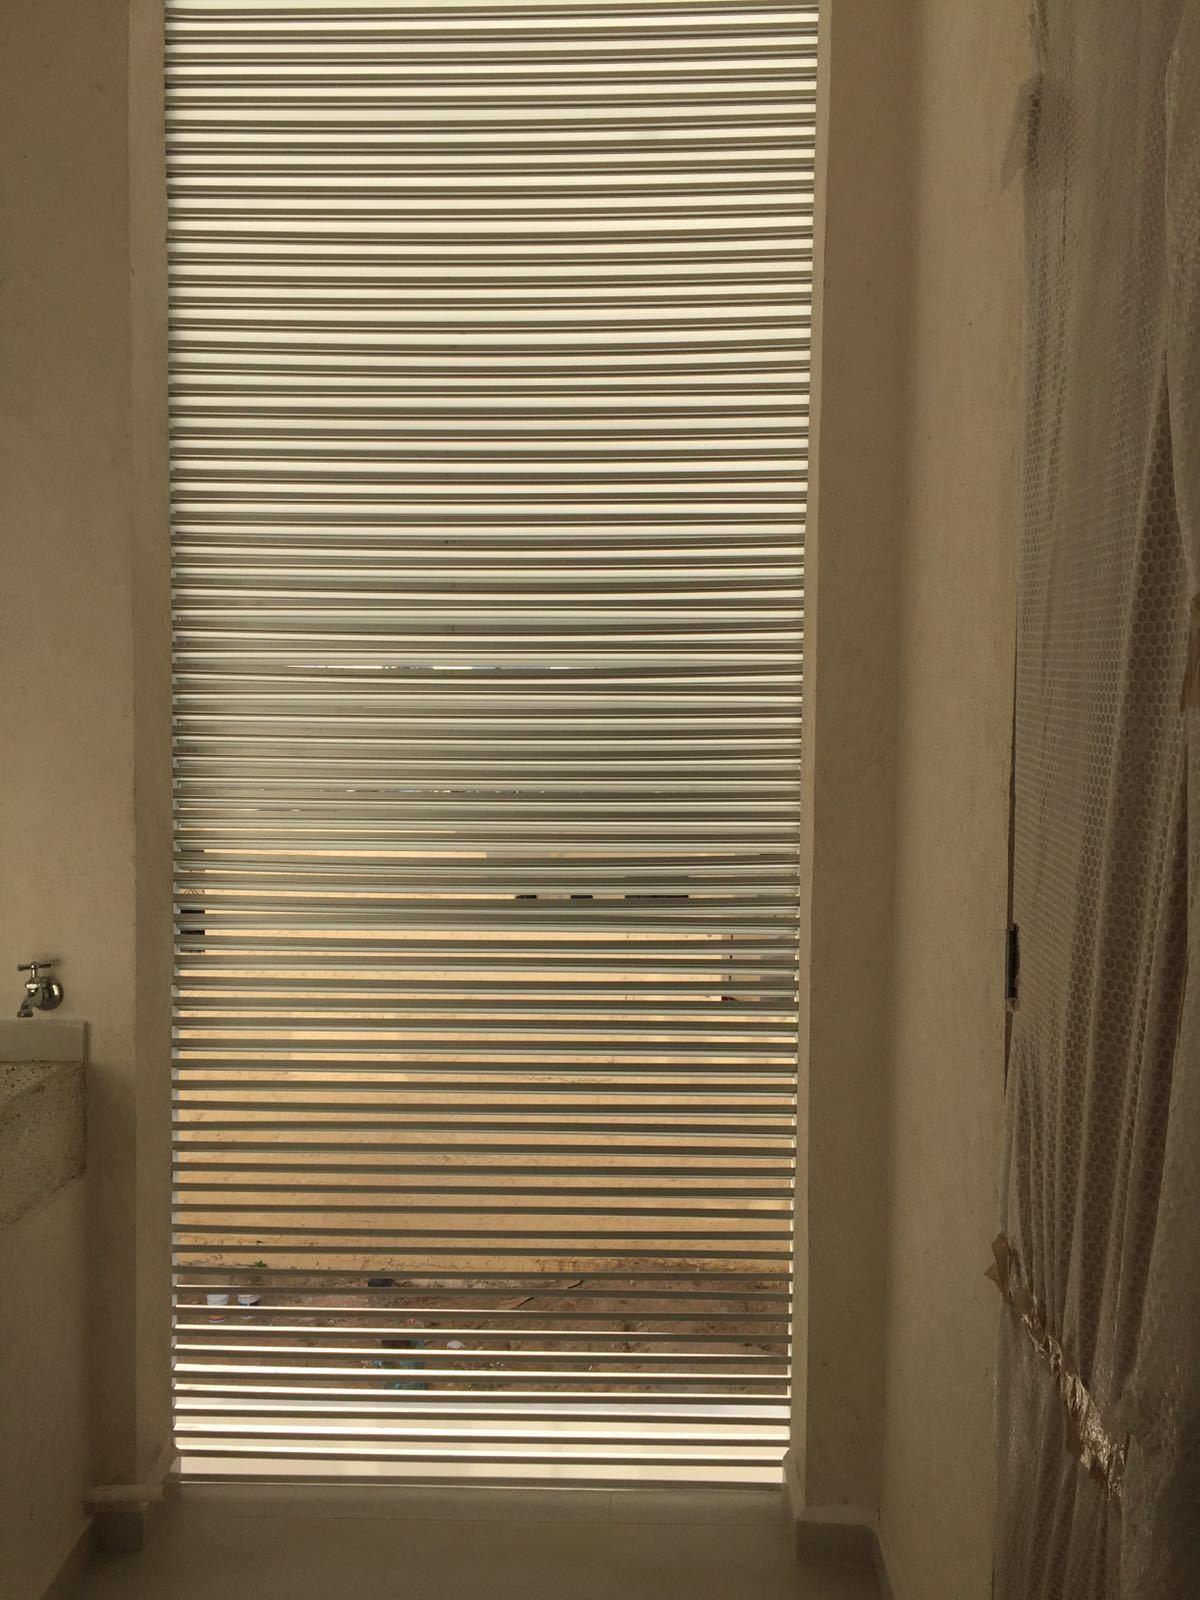 18 de 43: Excelente ventilaciòn en cuarto de lavado con amplio espacio